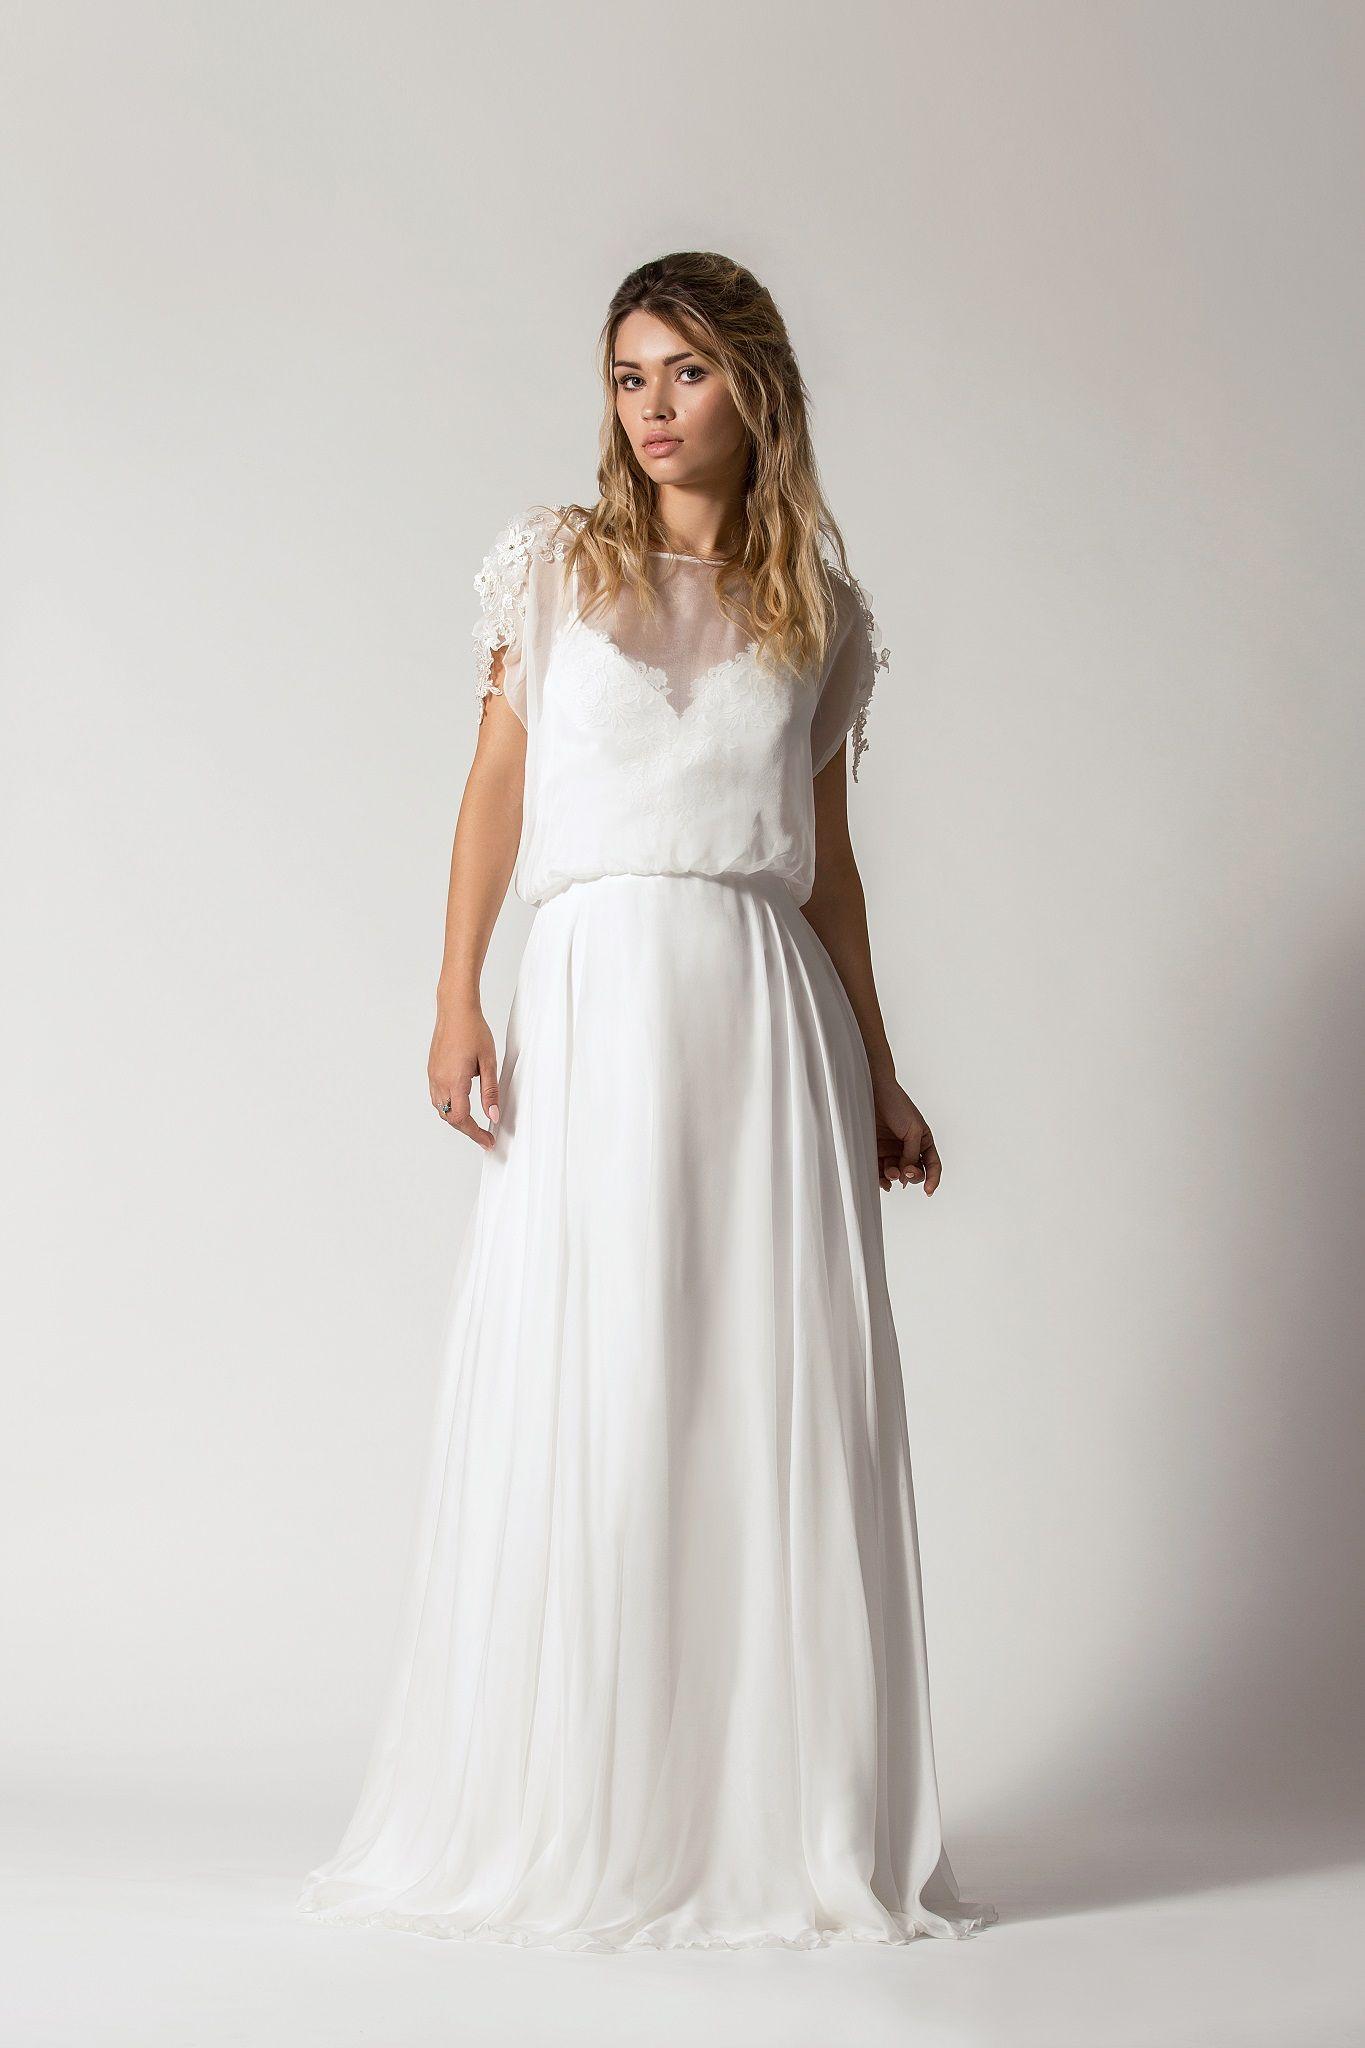 28320bef04 Przepiękna suknia ślubna z jedwabną spódnicą. Wierzchni top ma przepiękne  zdobienia na ramionach. Plecy